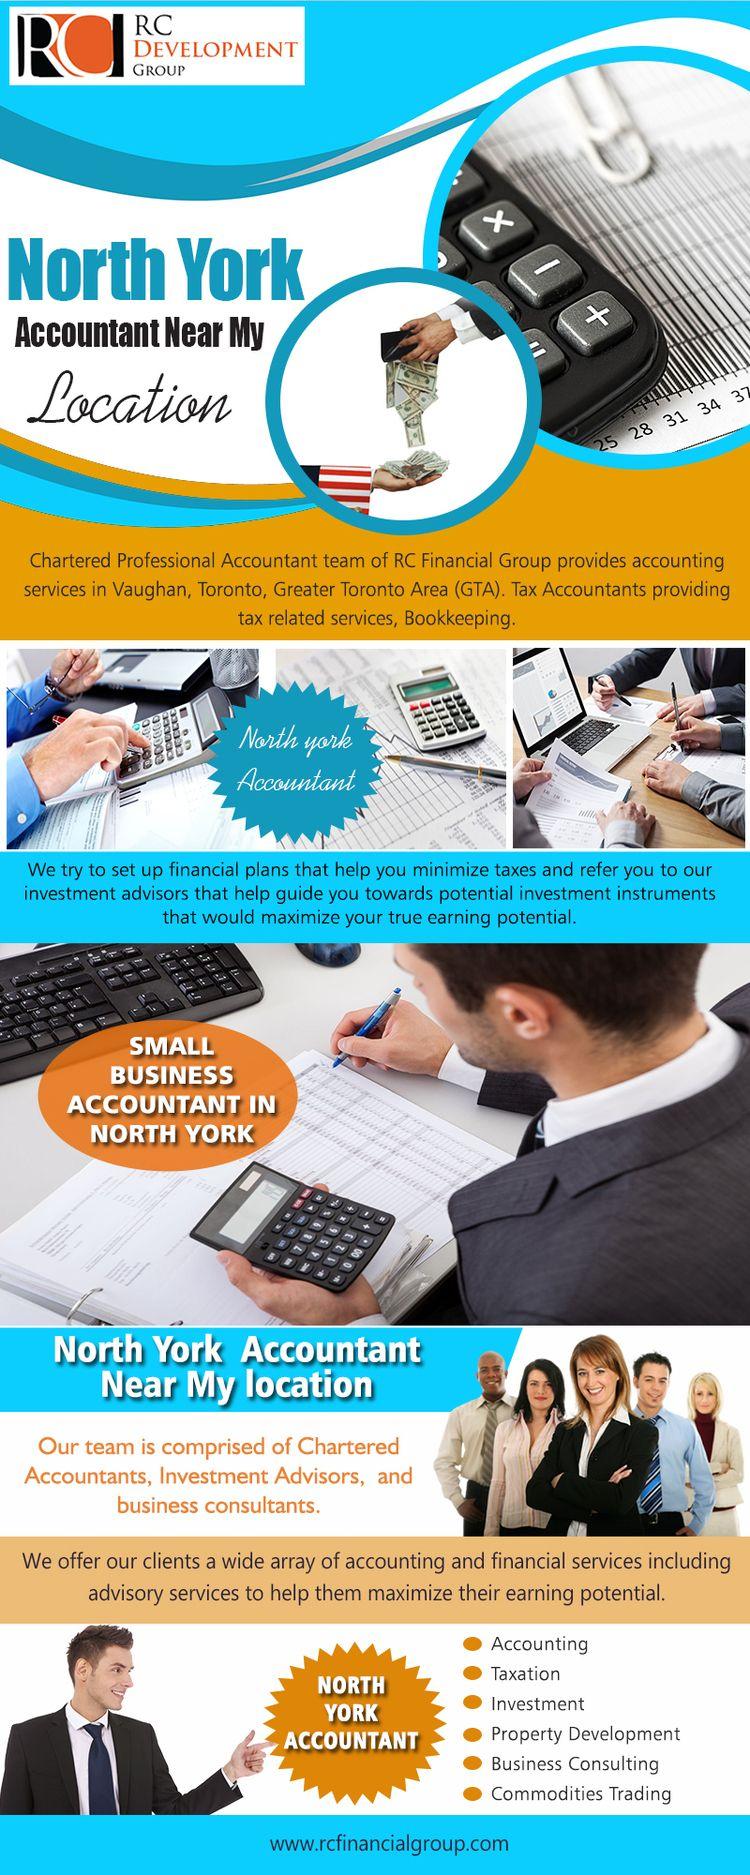 North York Accountant location  - etobicokeaccount | ello